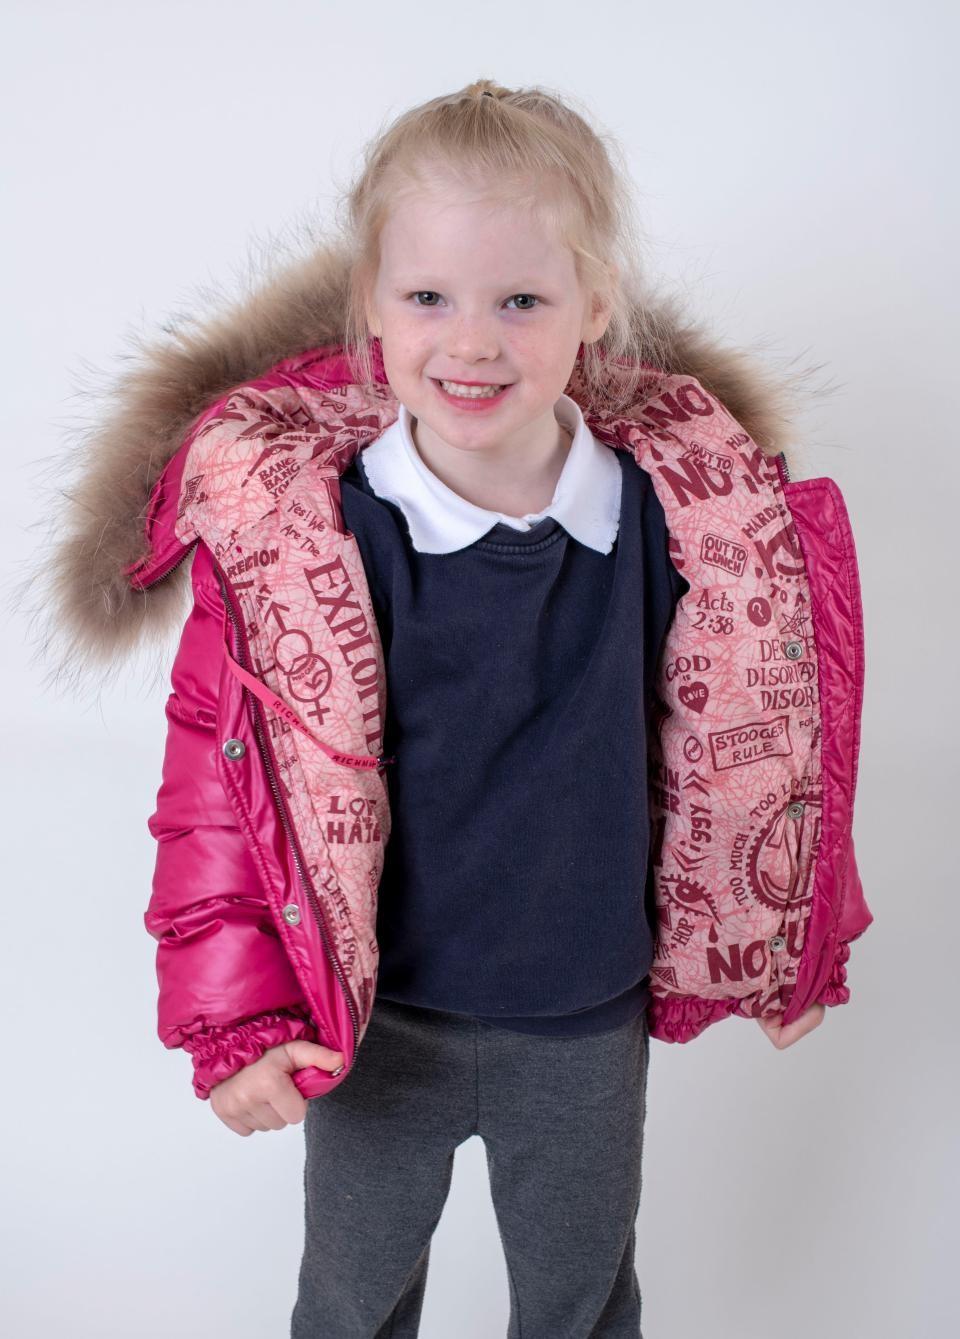 Майка избра сладко якенце за 3-годишната си дъщеря, но когато се вгледа по-внимателно в него, направо й се изправи косата (СНИМКИ)